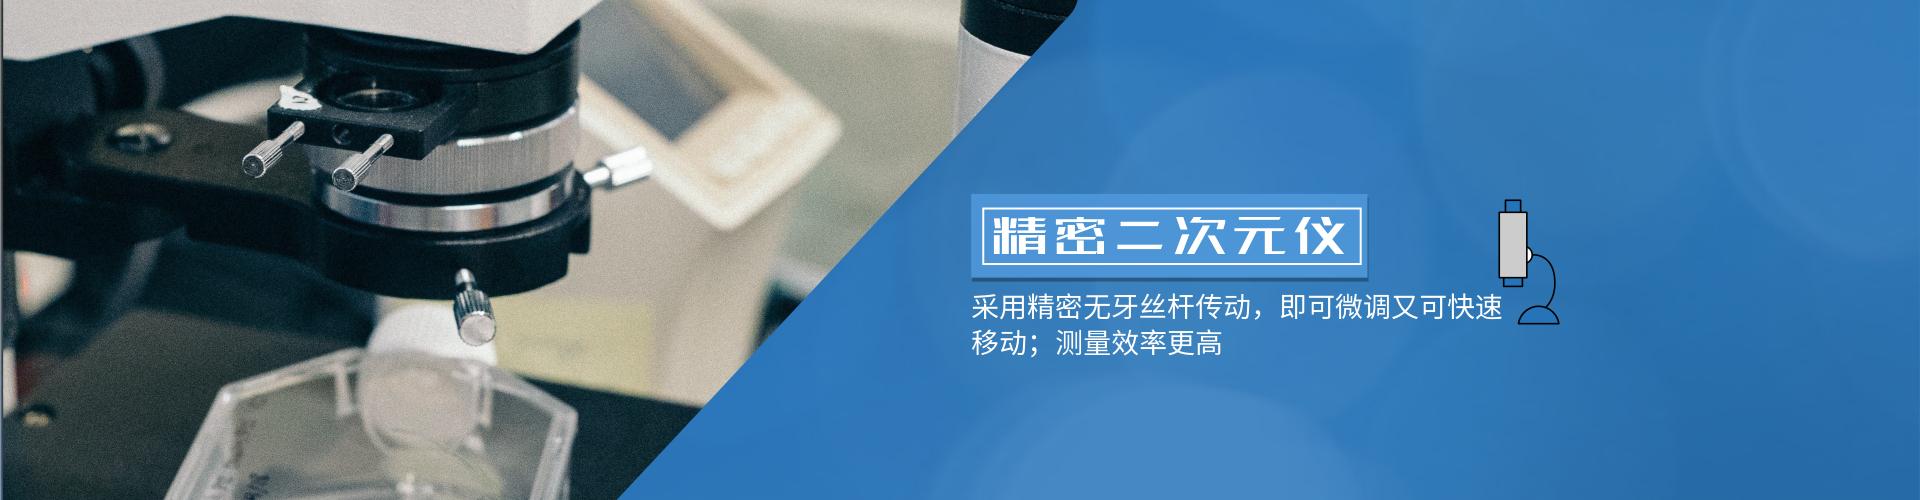 2.5次元测量仪公司